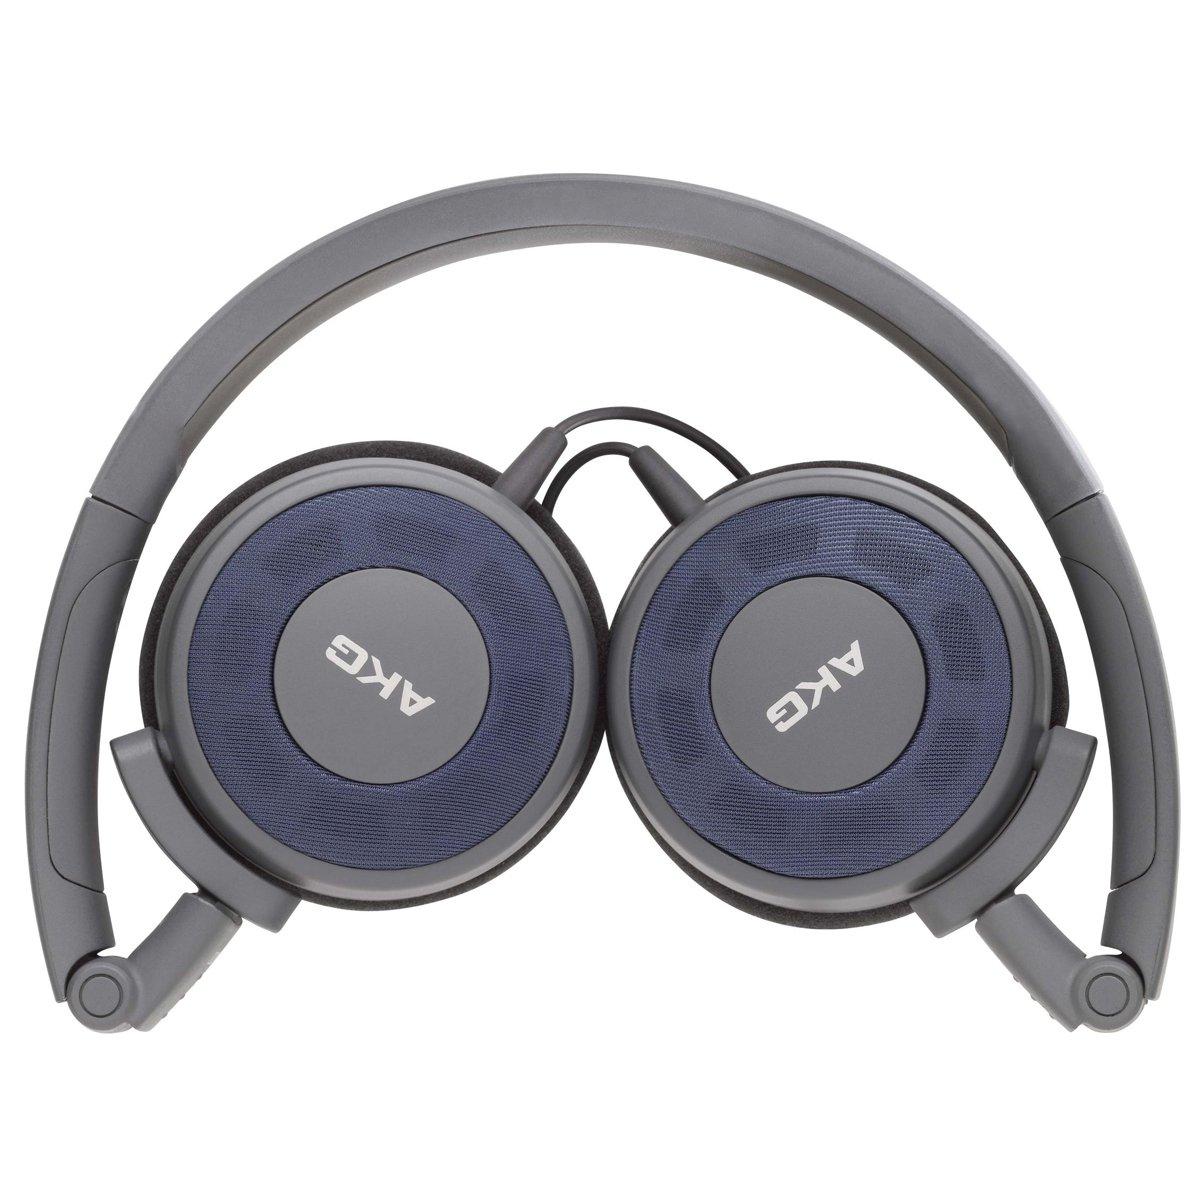 亚马逊中国 AKG K420便携折叠式头戴耳机 黑色 ¥159(¥199-¥40)